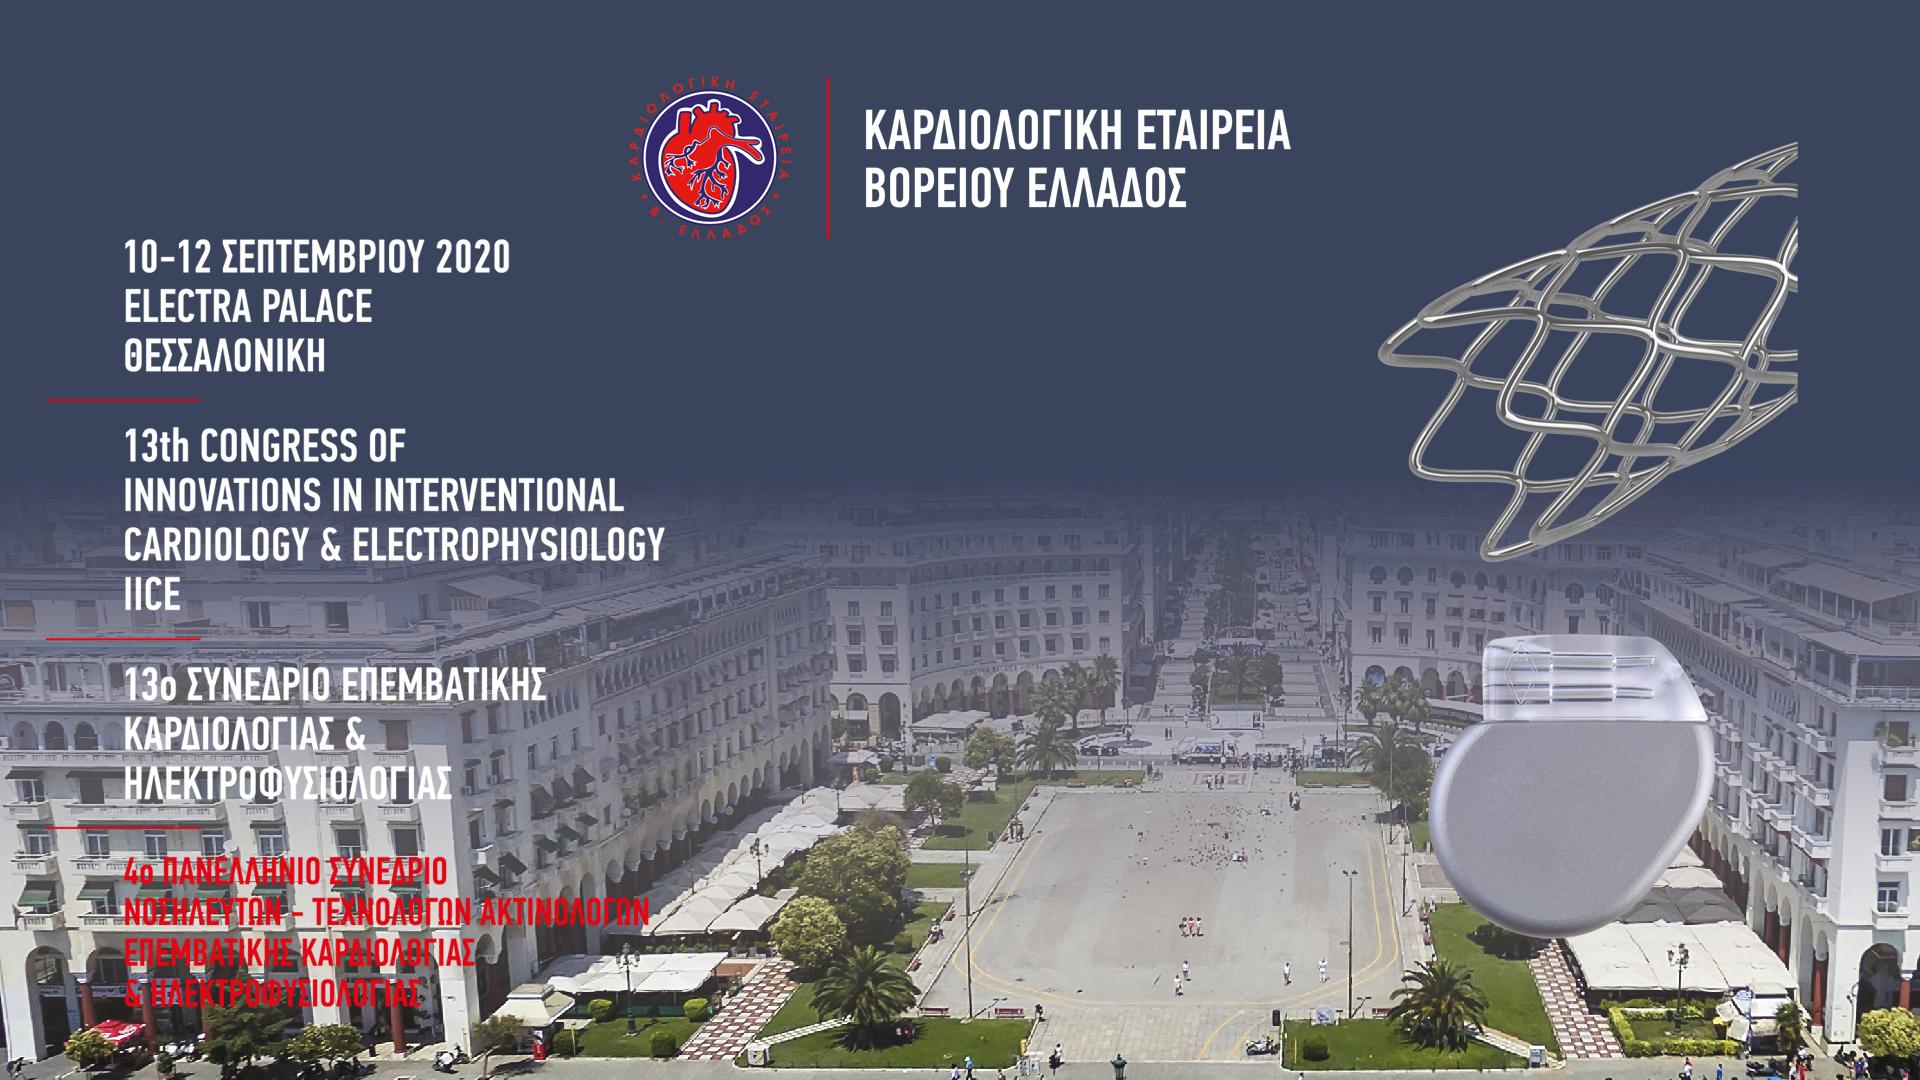 13ο Συνέδριο Επεμβατικής Καρδιολογίας και Ηλεκτροφυσιολογίας (IICE)